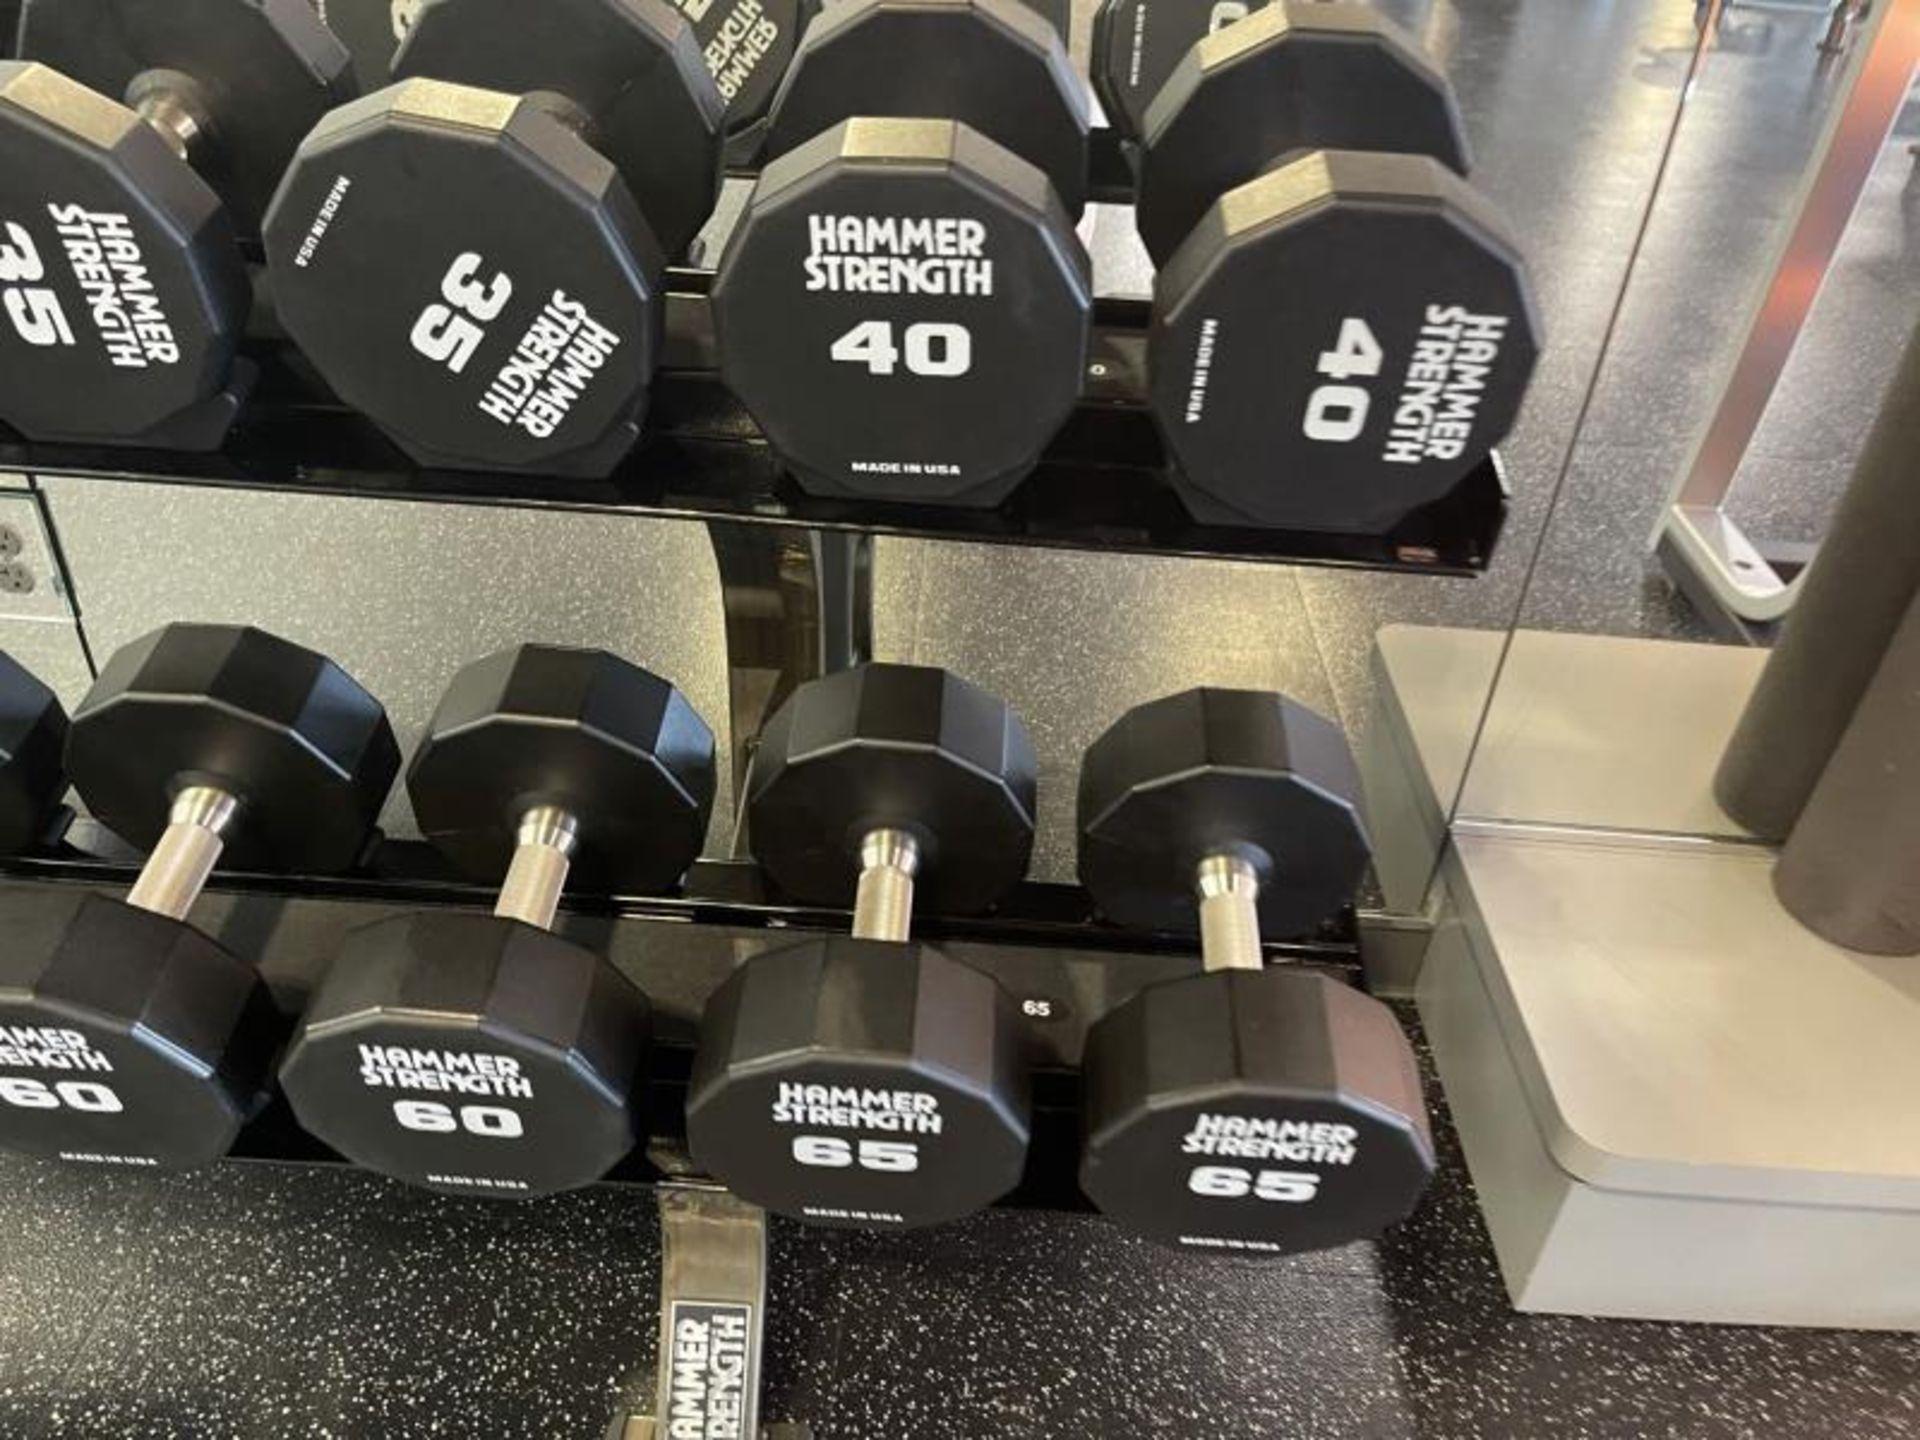 Hammer Strength Dumbbells 20-65# - Image 2 of 6